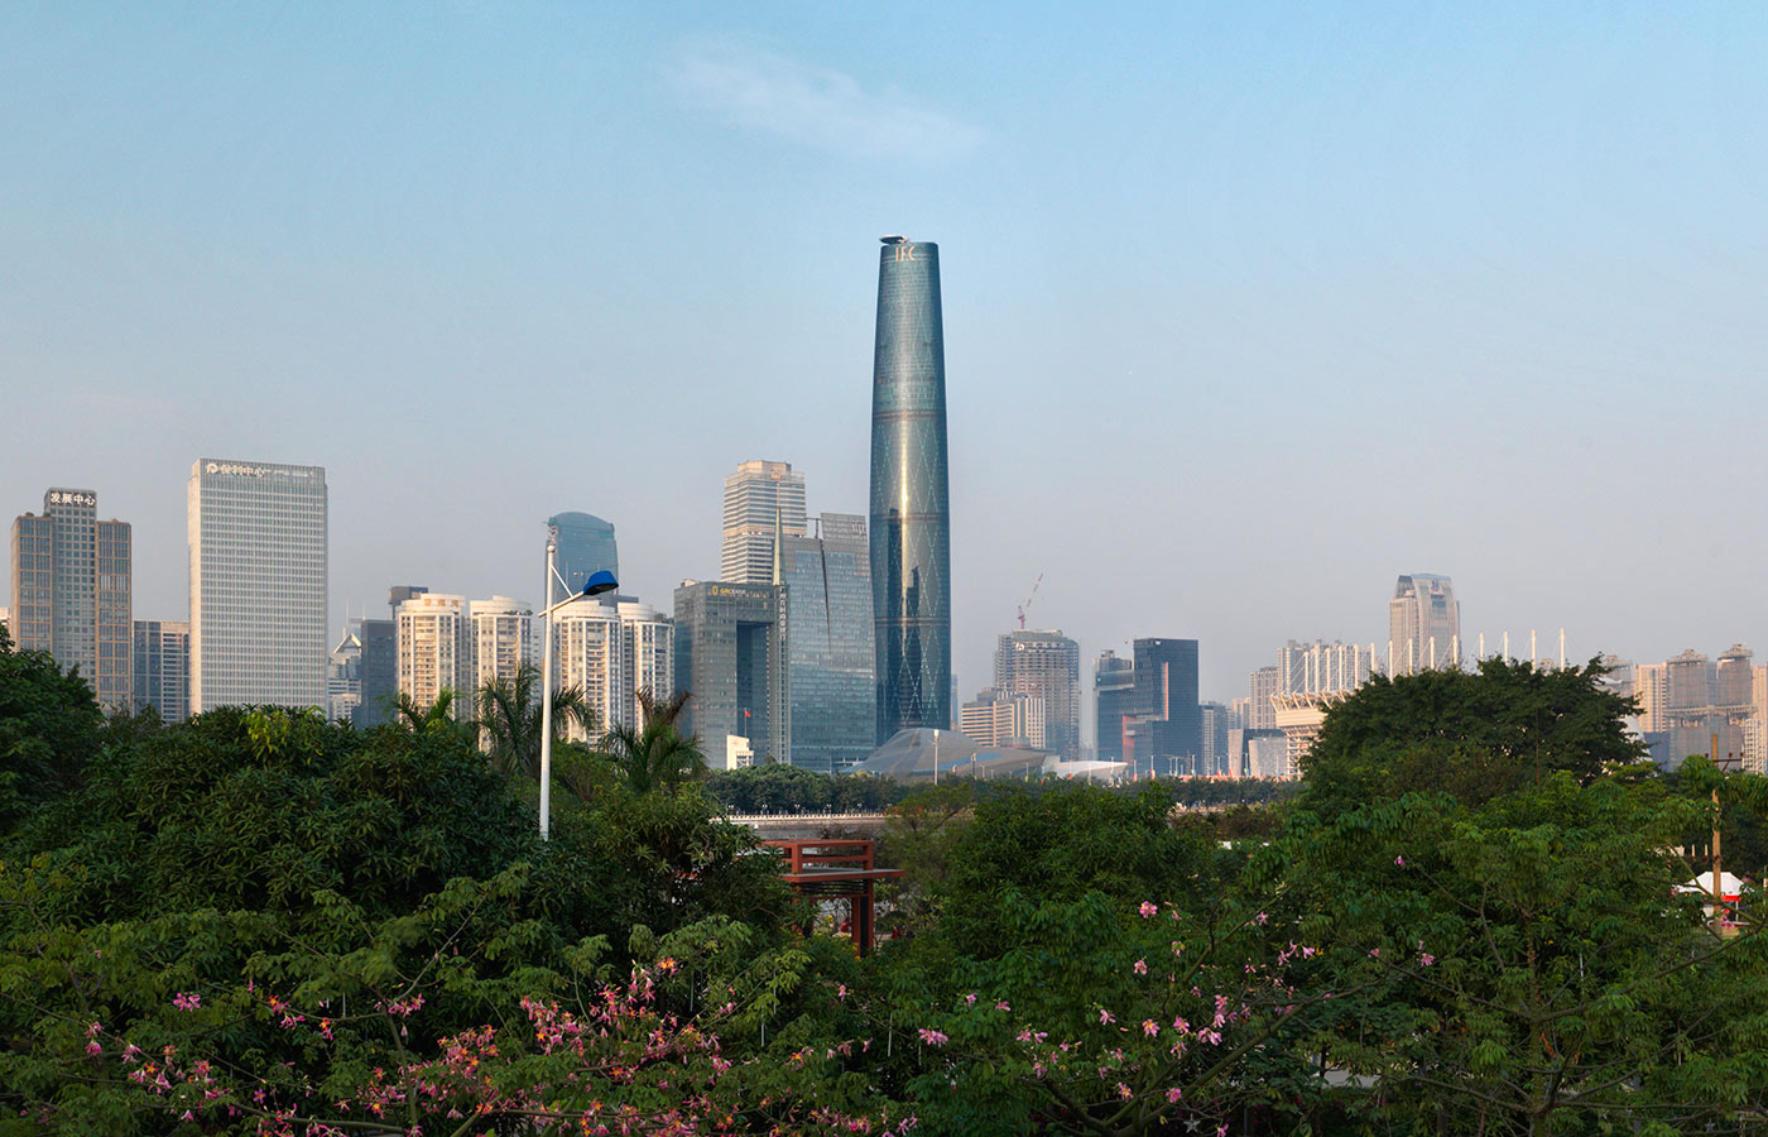 № 16. Международный финансовый центр Гуанчжоу (Guangzhou International Finance Center)   Высота: 438,6 м, 103 этажа Место: Гуанчжоу, Китай Назначение: отель и жилье Архитектура: Wilkinson Eyre Architects Дата строительства: 2010 год